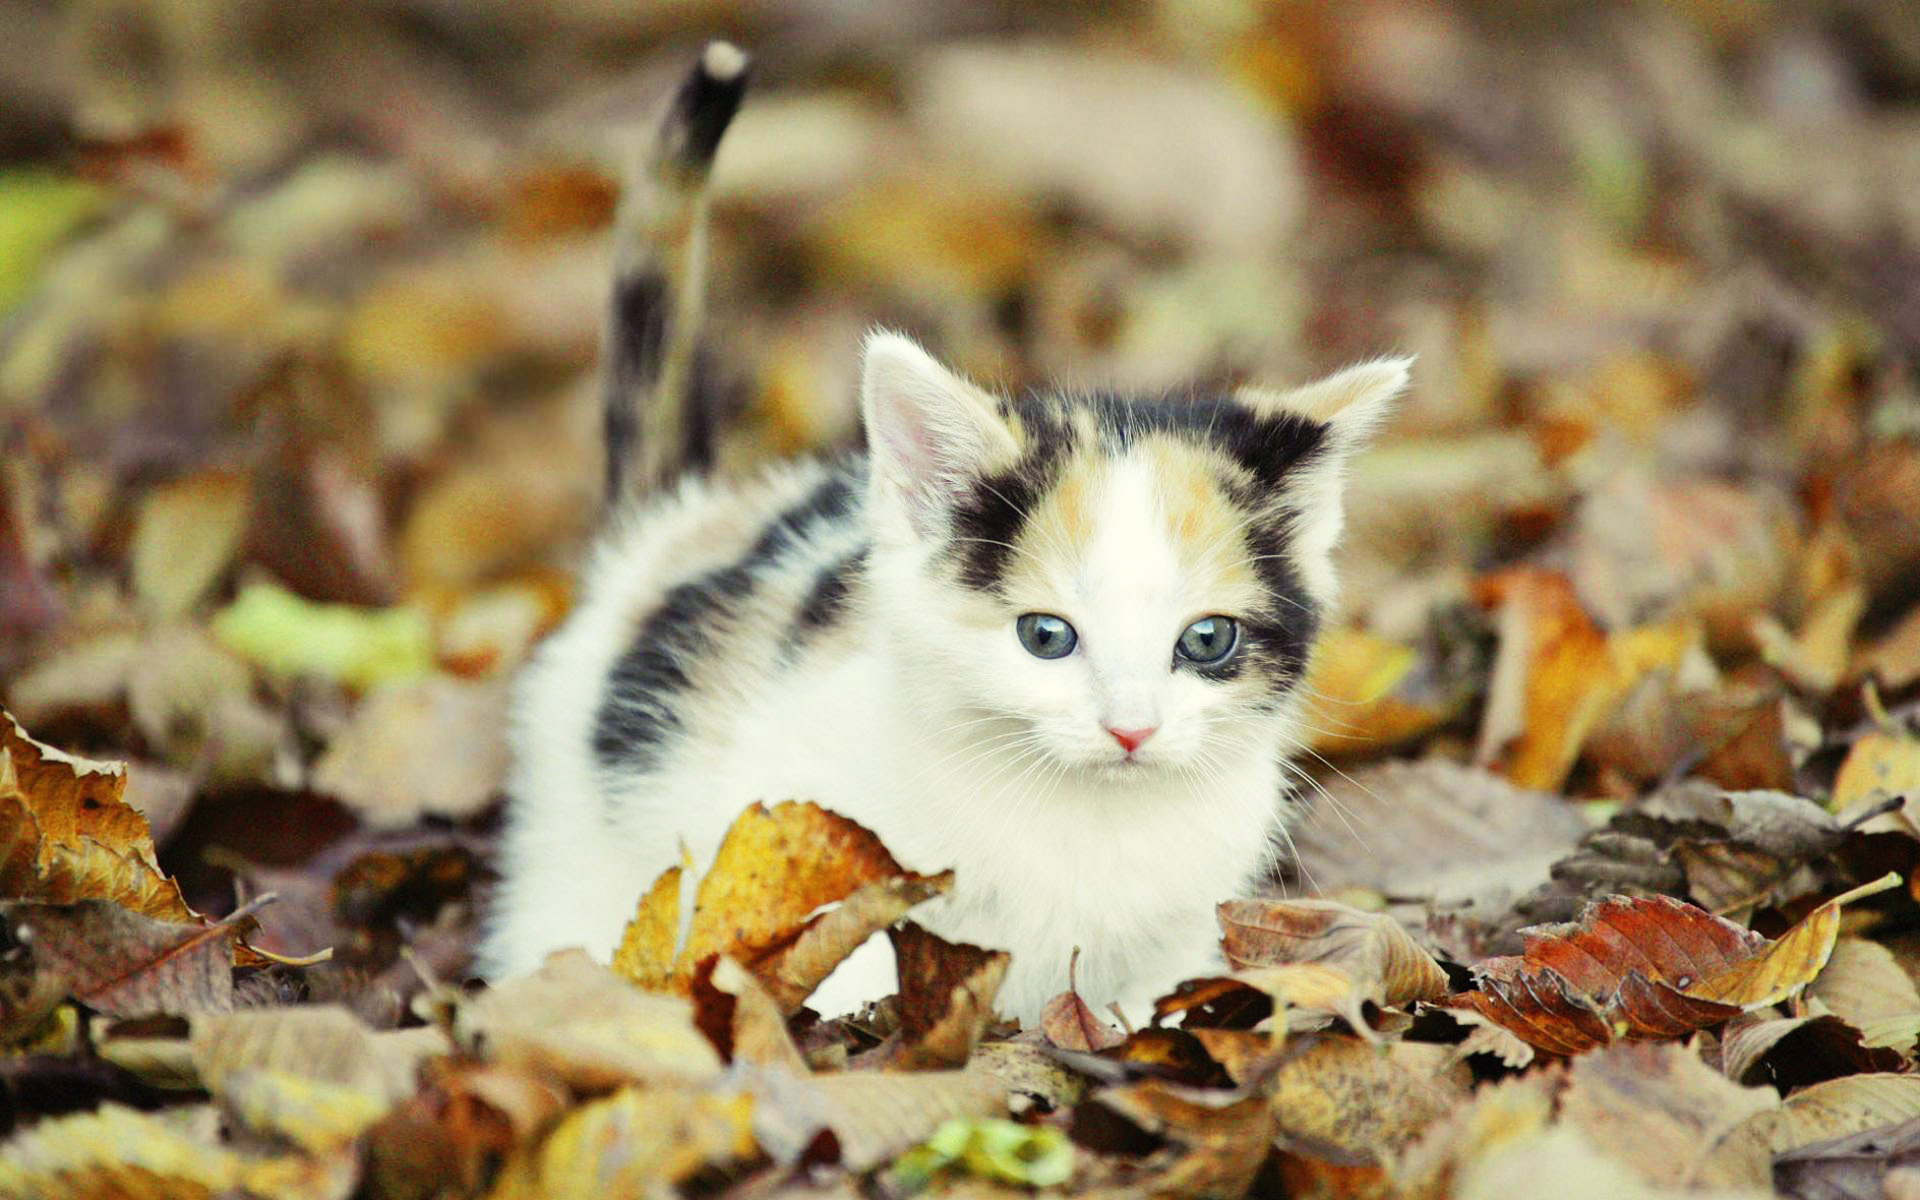 عکس های بچه گربه های ناز